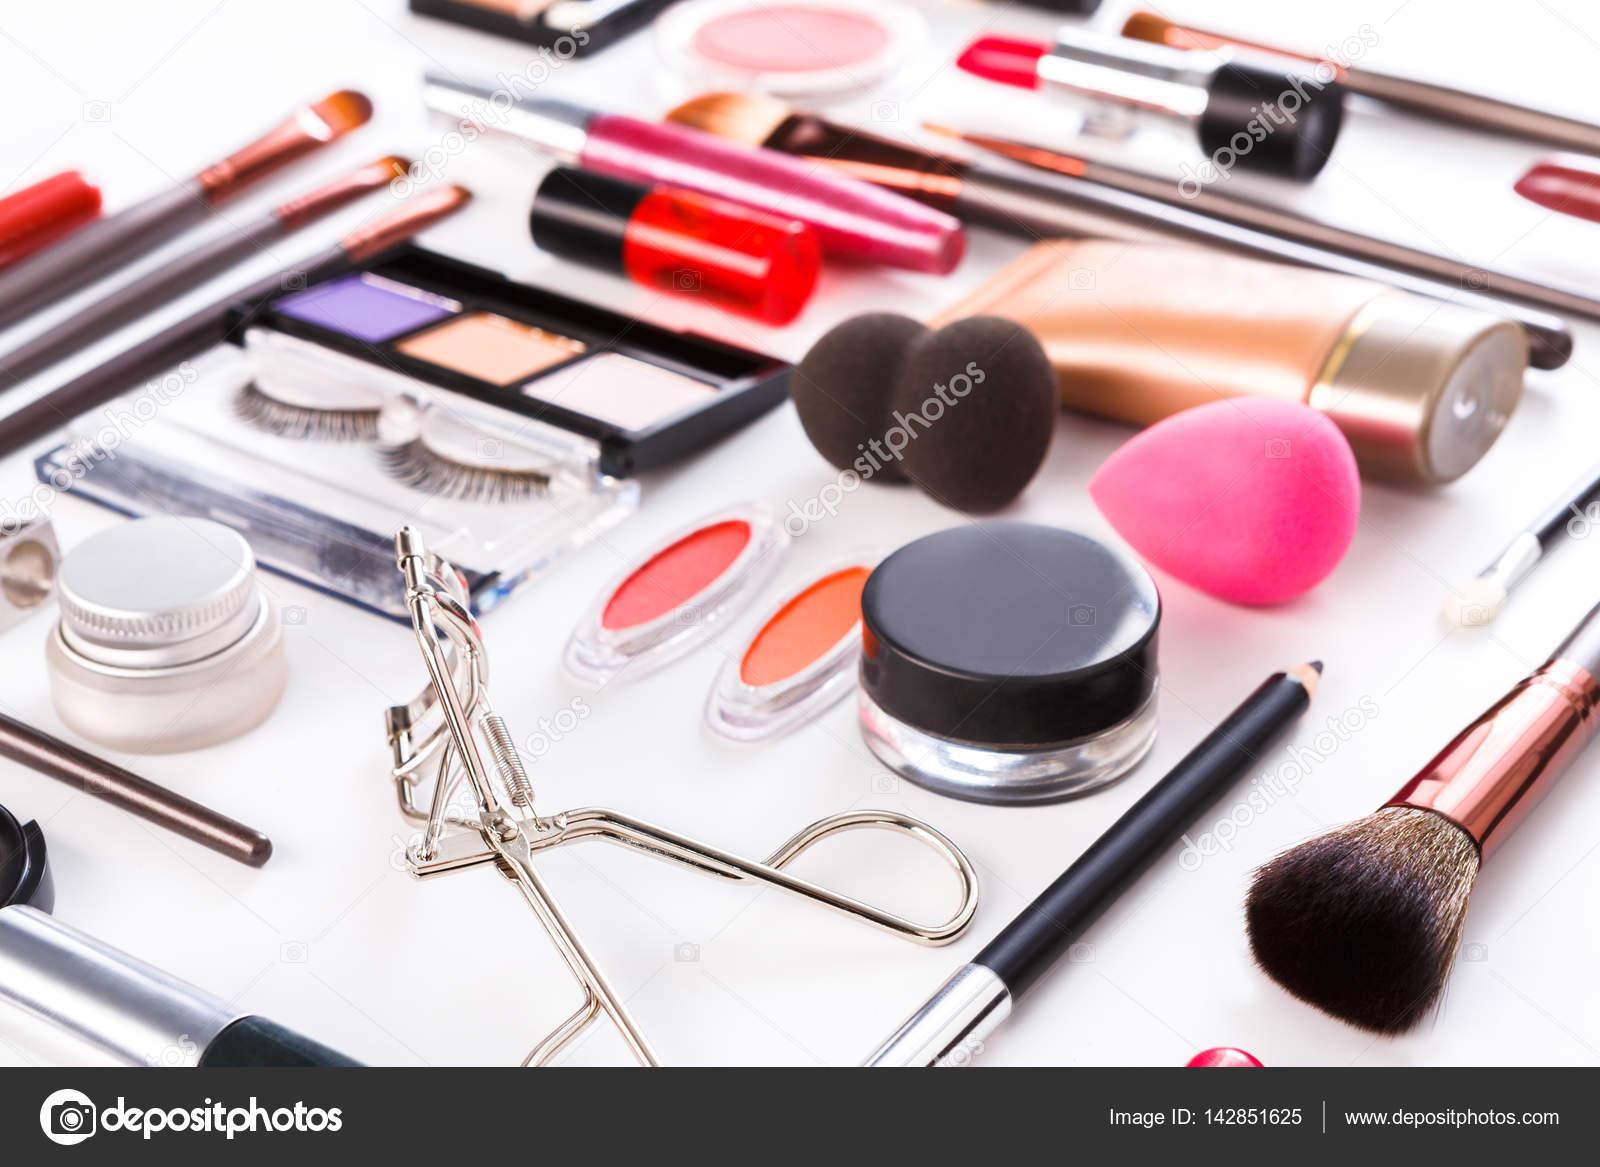 Imagenes De Maquillaje Para Descargar: Imágenes: Herramientas De Maquillaje